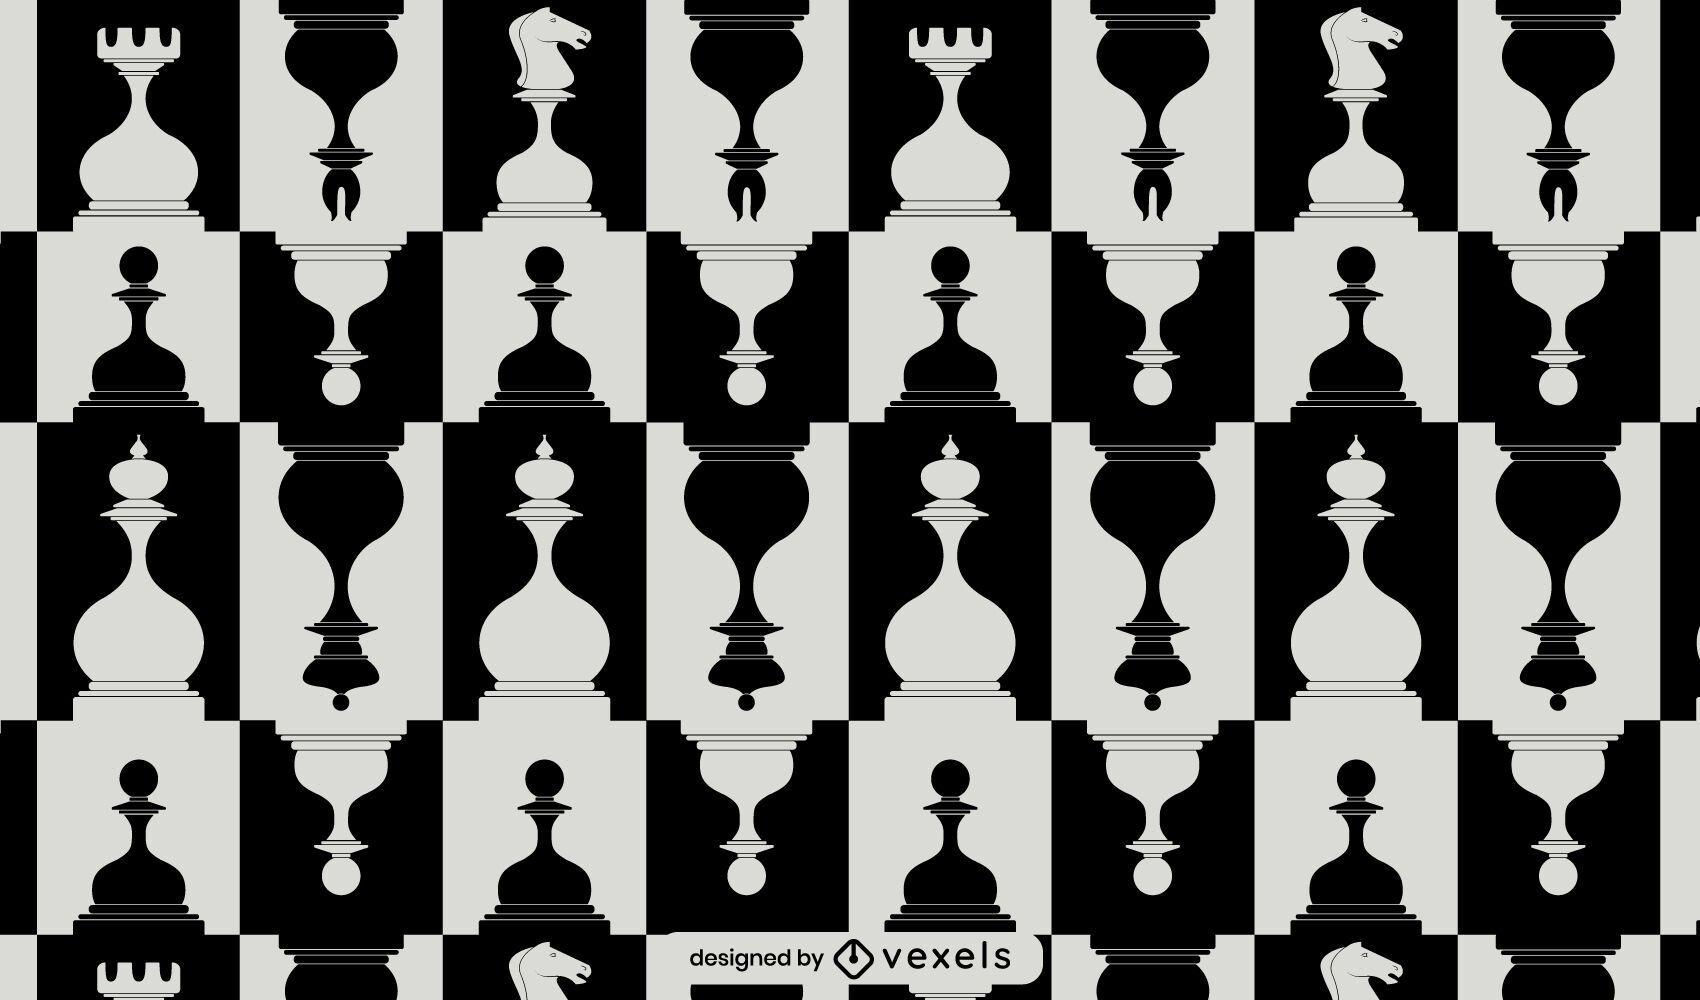 Piezas de ajedrez patrón blanco y negro